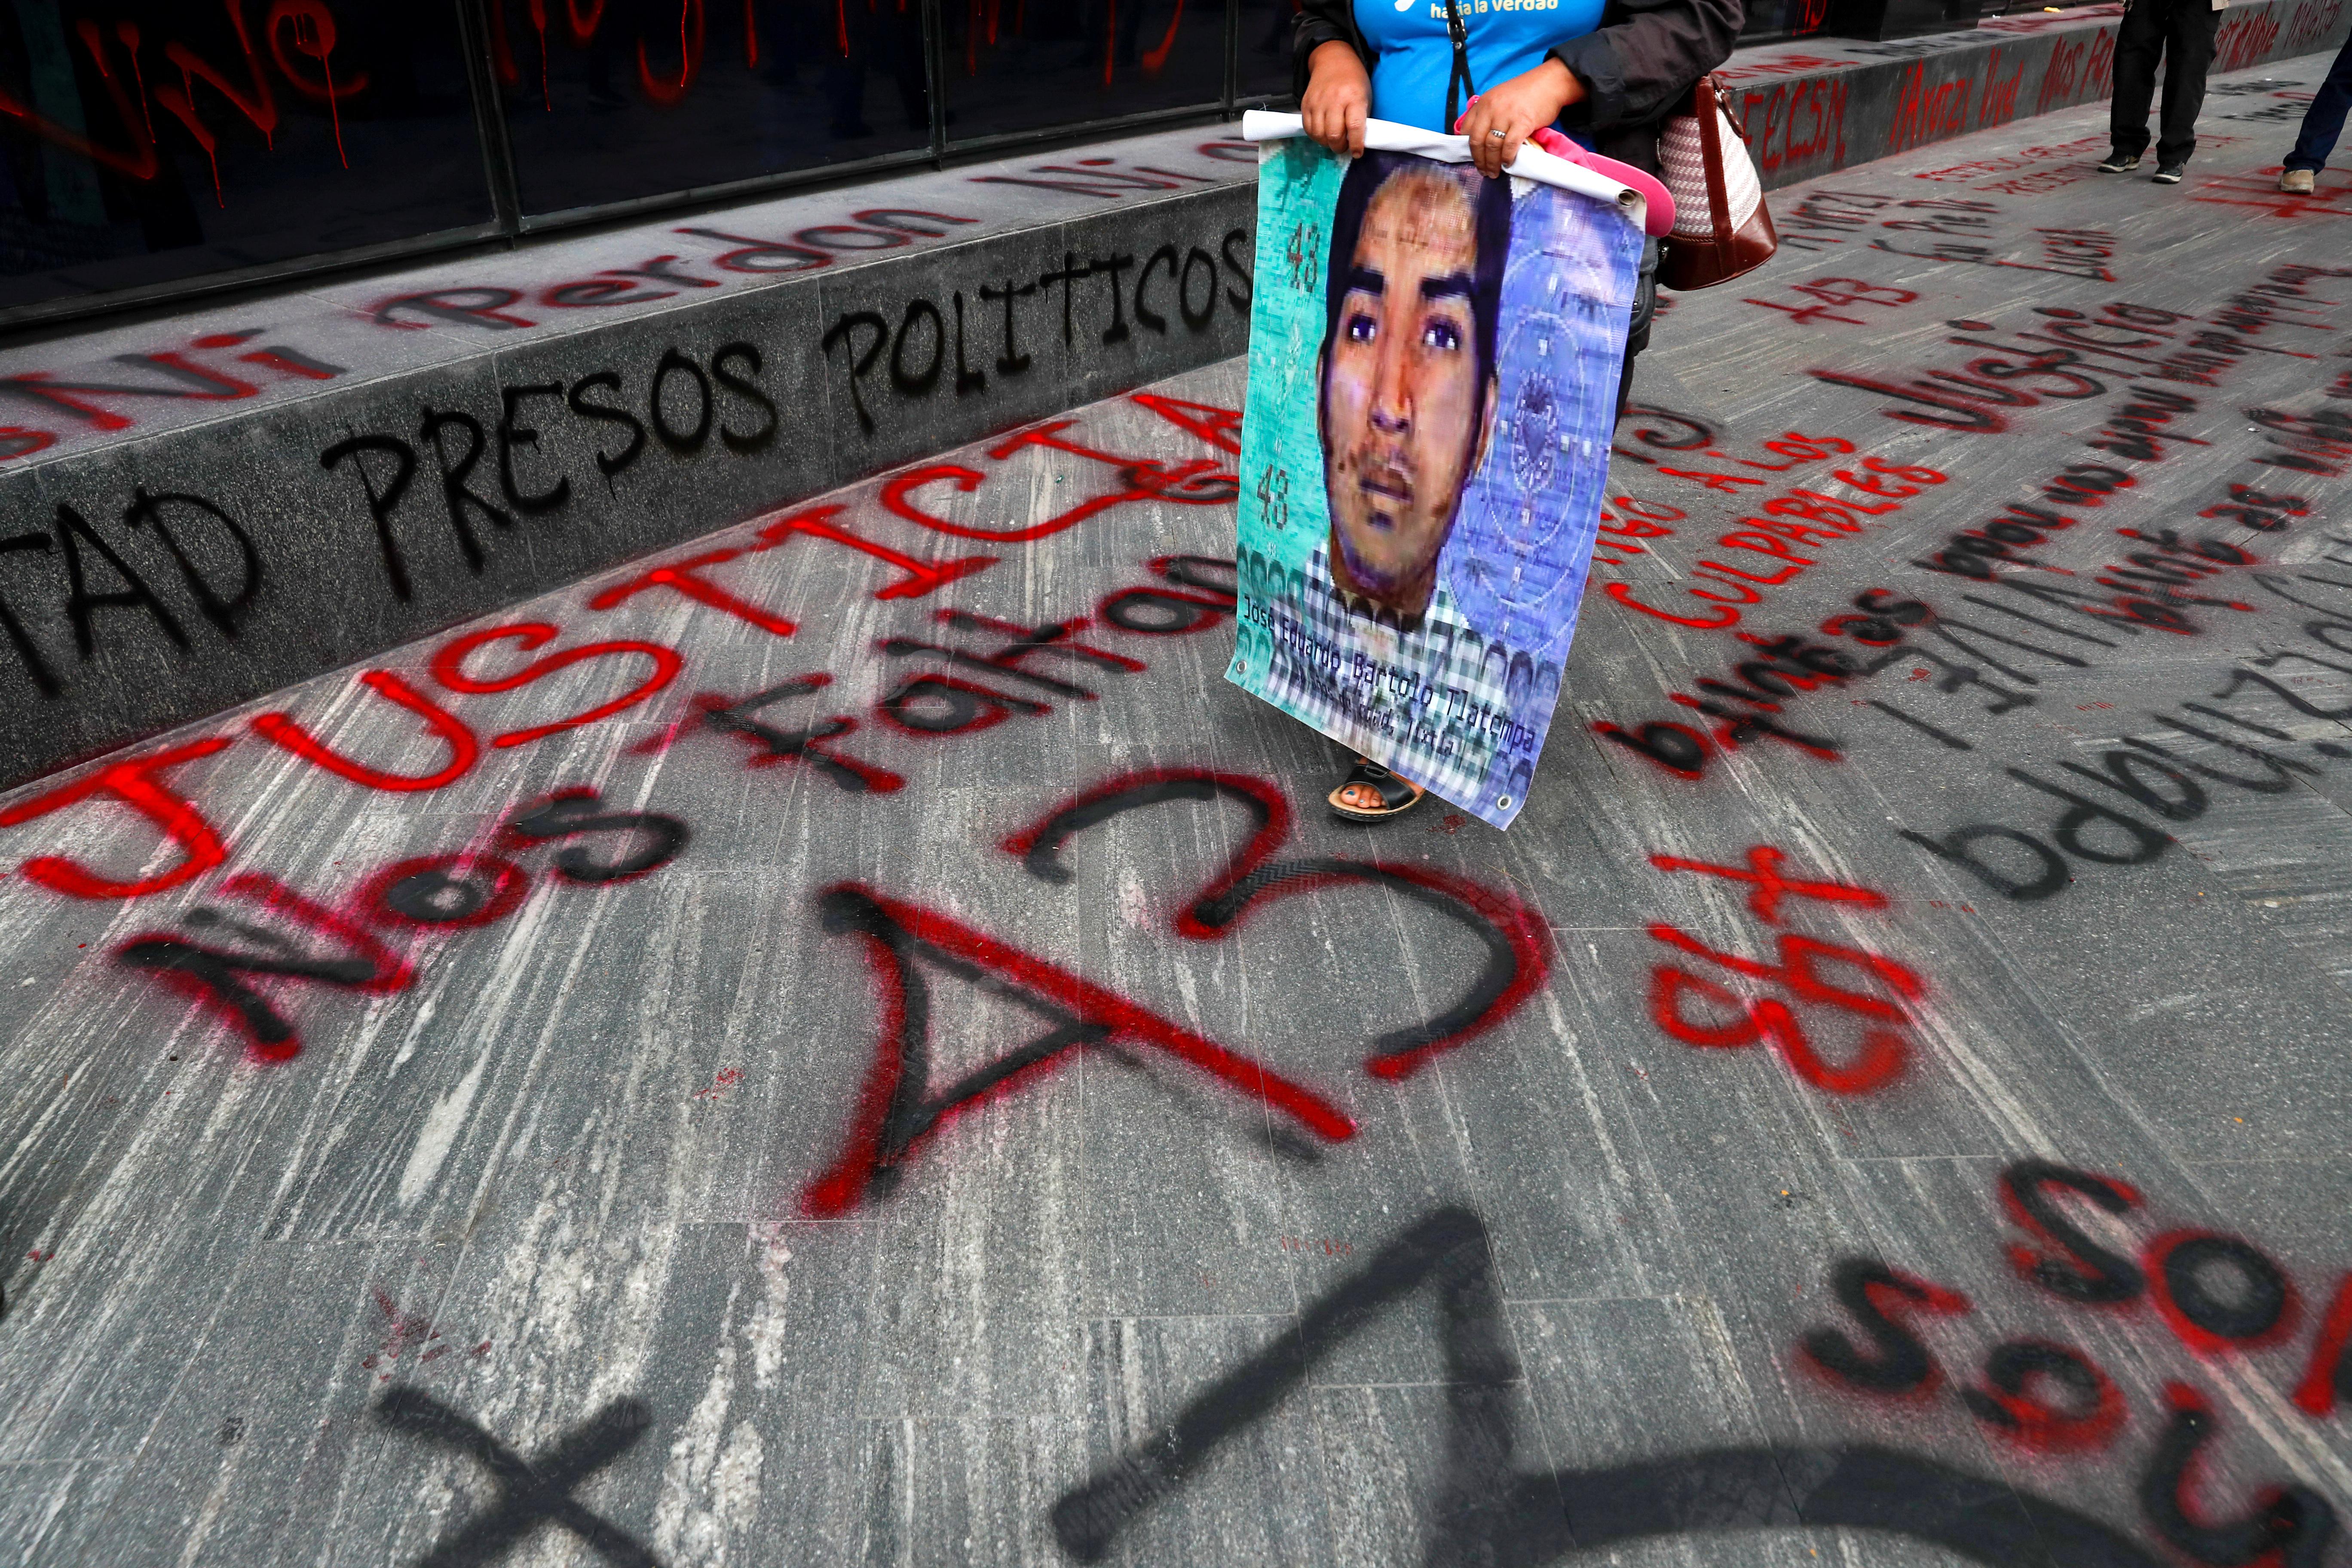 Un familiar de un estudiante desaparecido sostiene un cartel con su imagen mientras pasa junto a un cartel